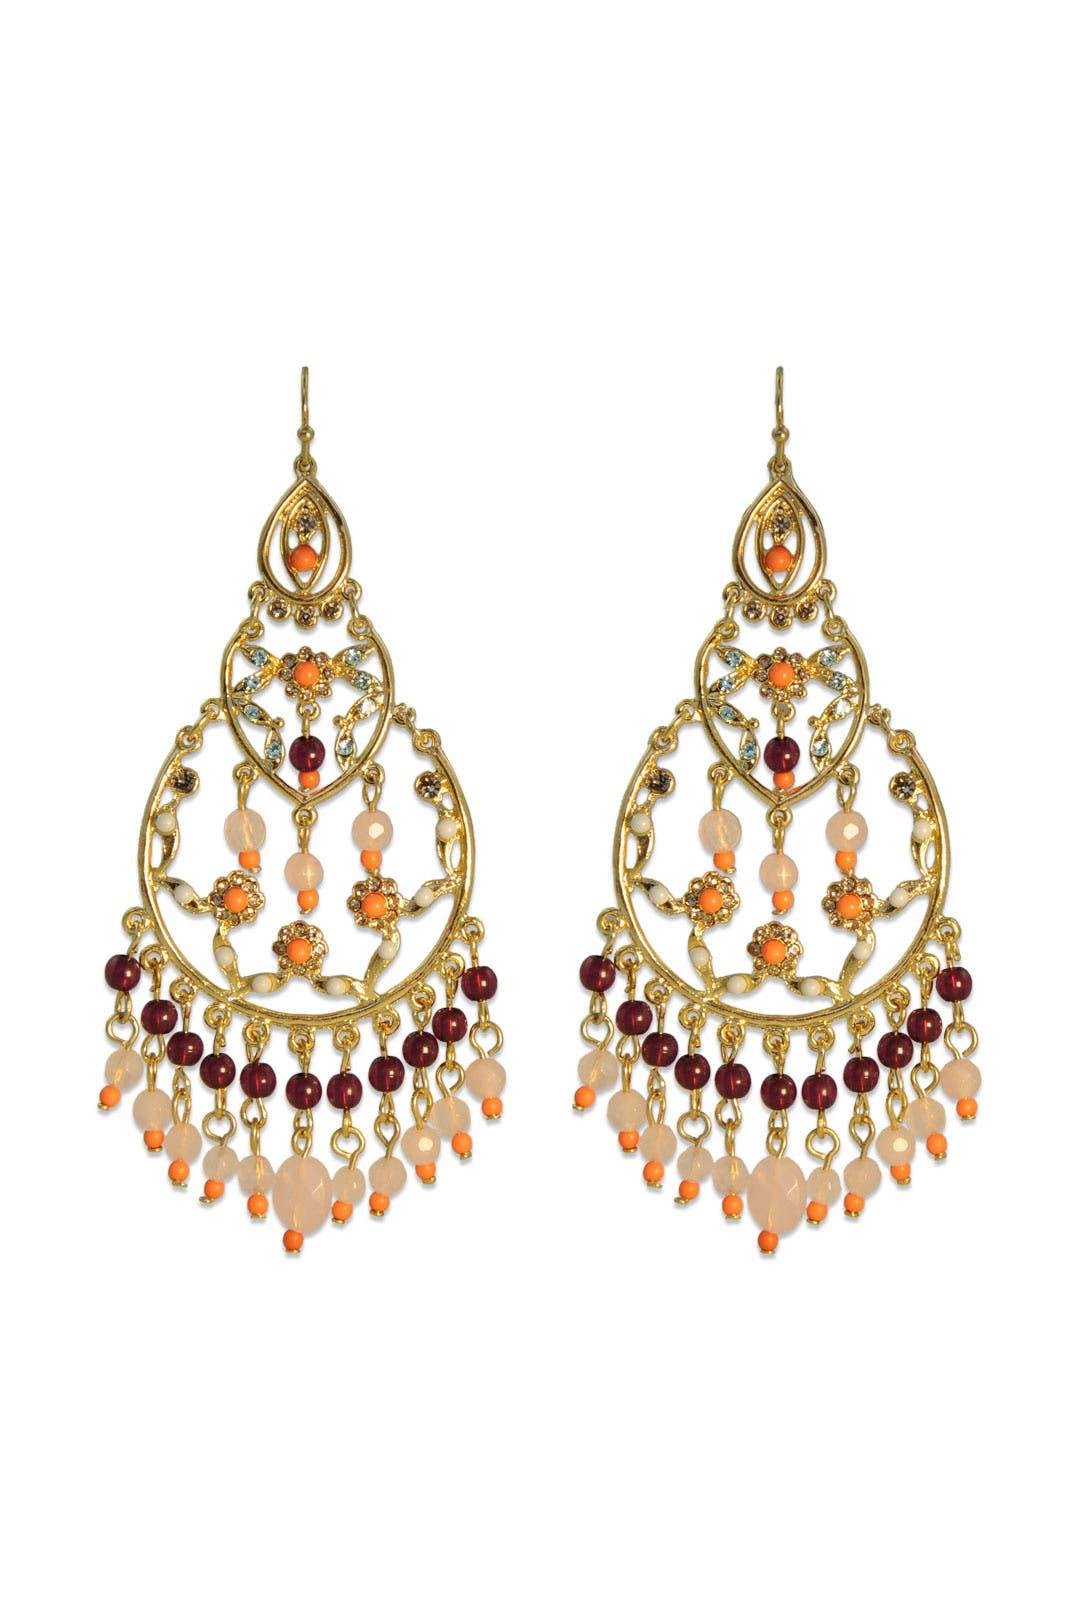 Nights In Bombay Earrings by Lee Angel